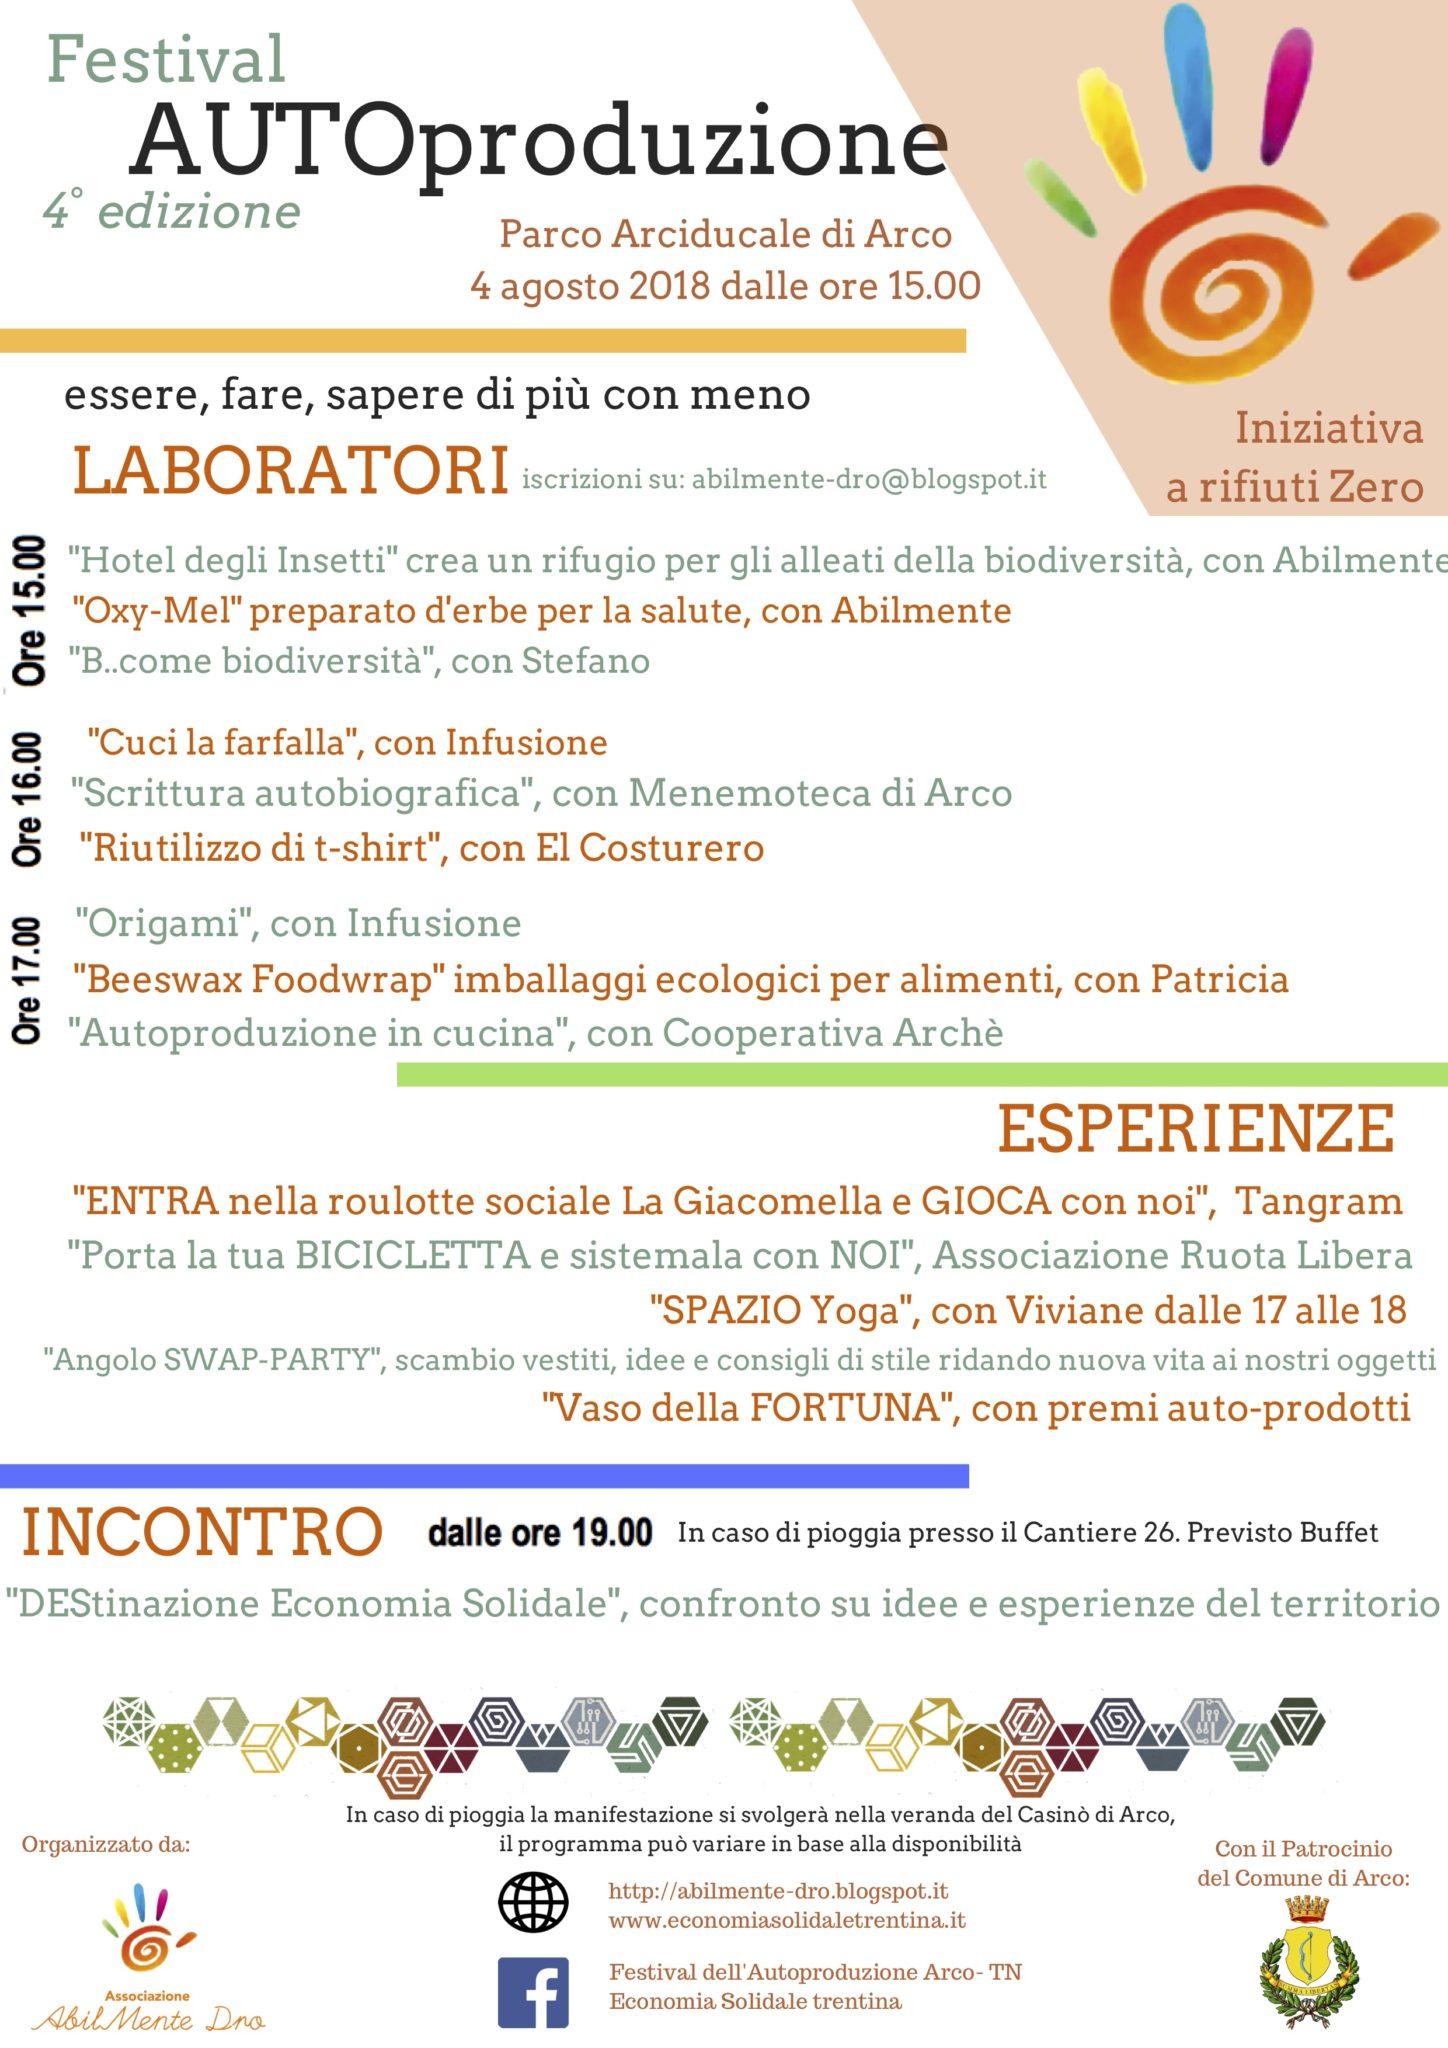 Festival dell'Autoproduzione @ Parco Arciducale | Arco | Trentino-Alto Adige | Italia